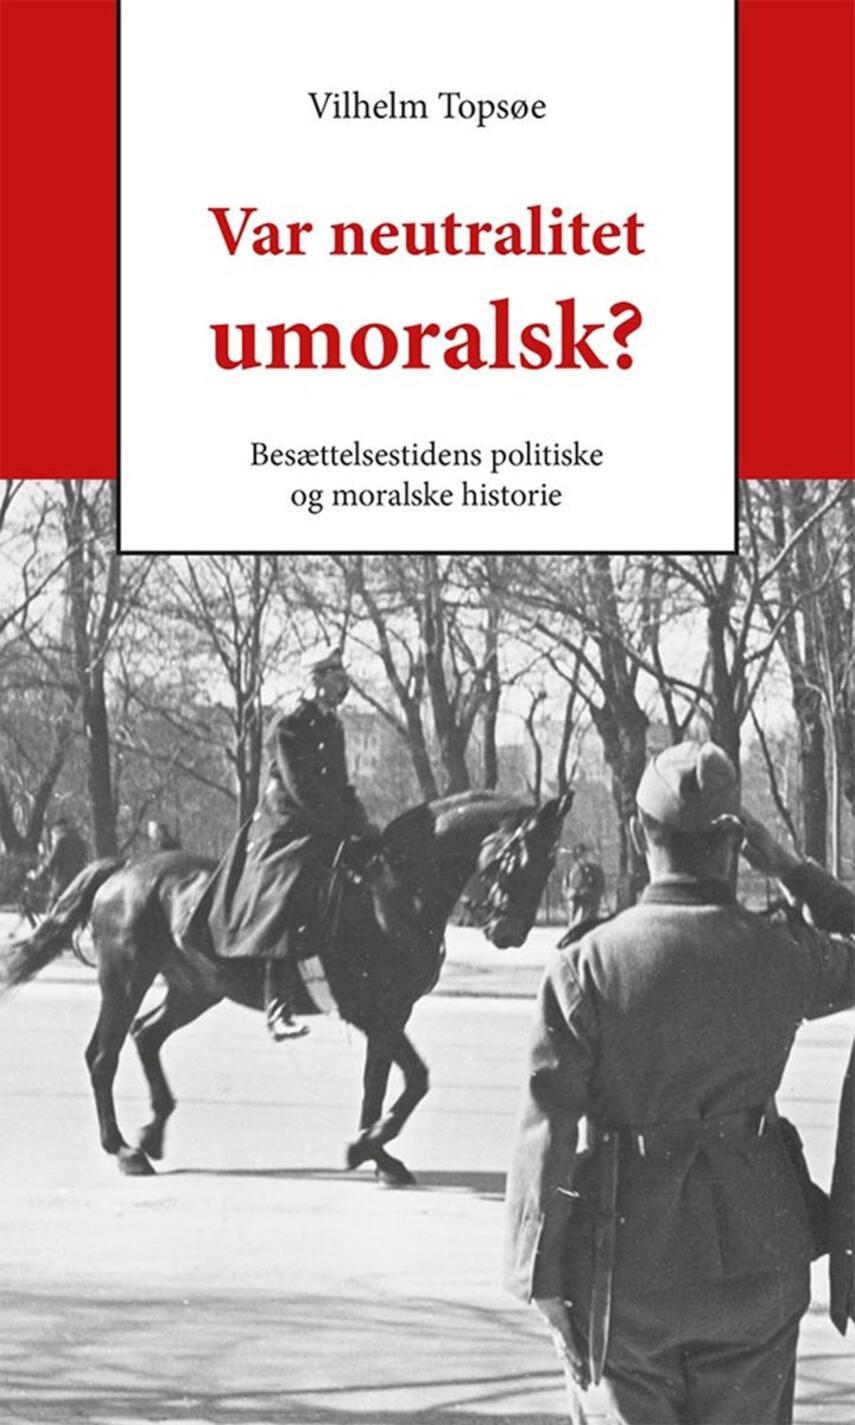 Vilhelm Topsøe (f. 1944): Var neutralitet umoralsk? : besættelsestidens politiske og moralske historie